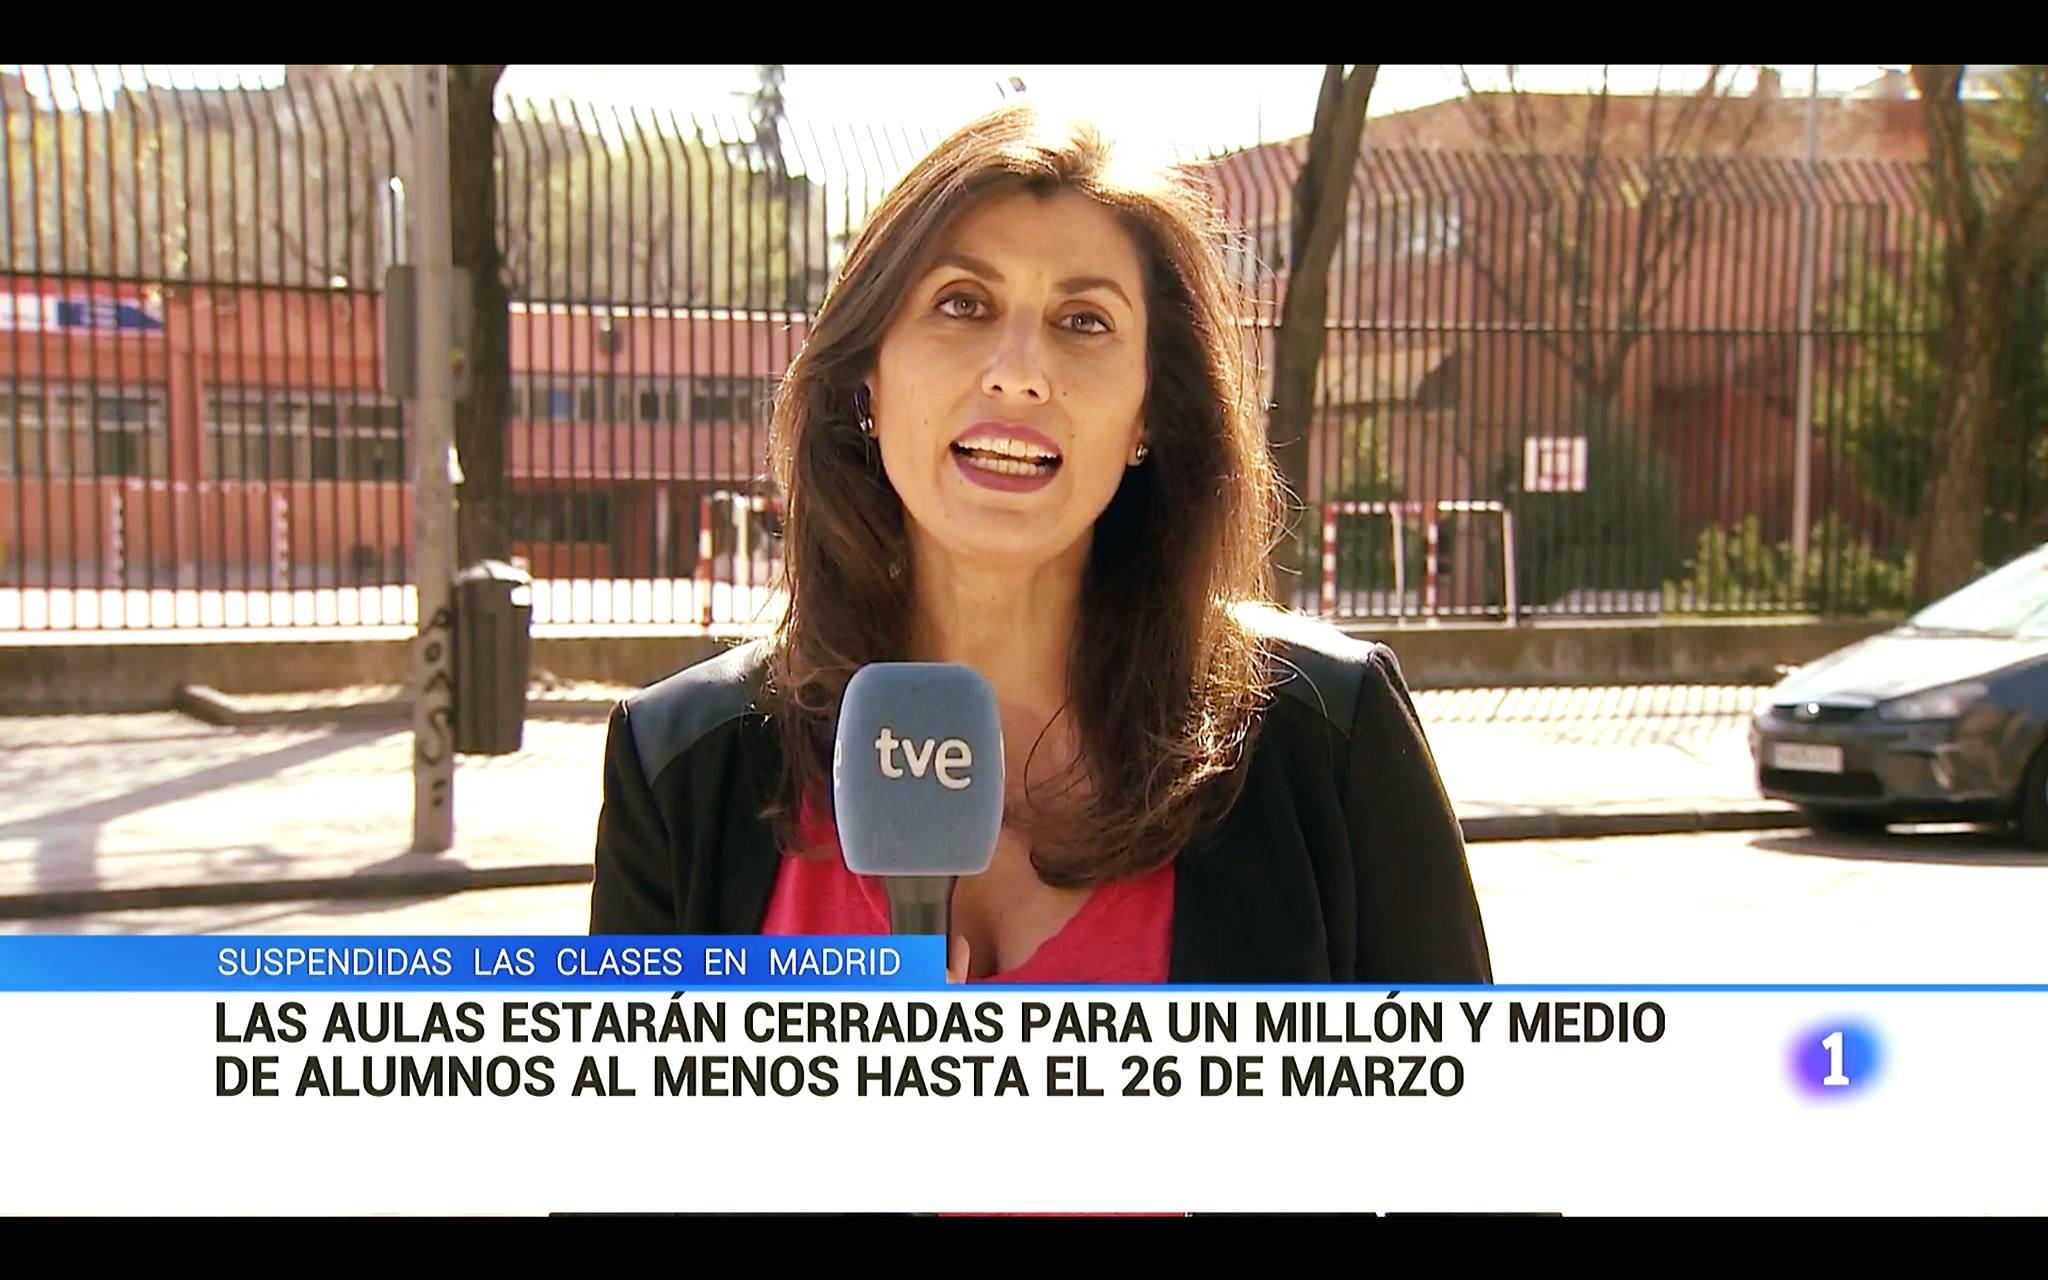 Las aulas cerradas en Madrid